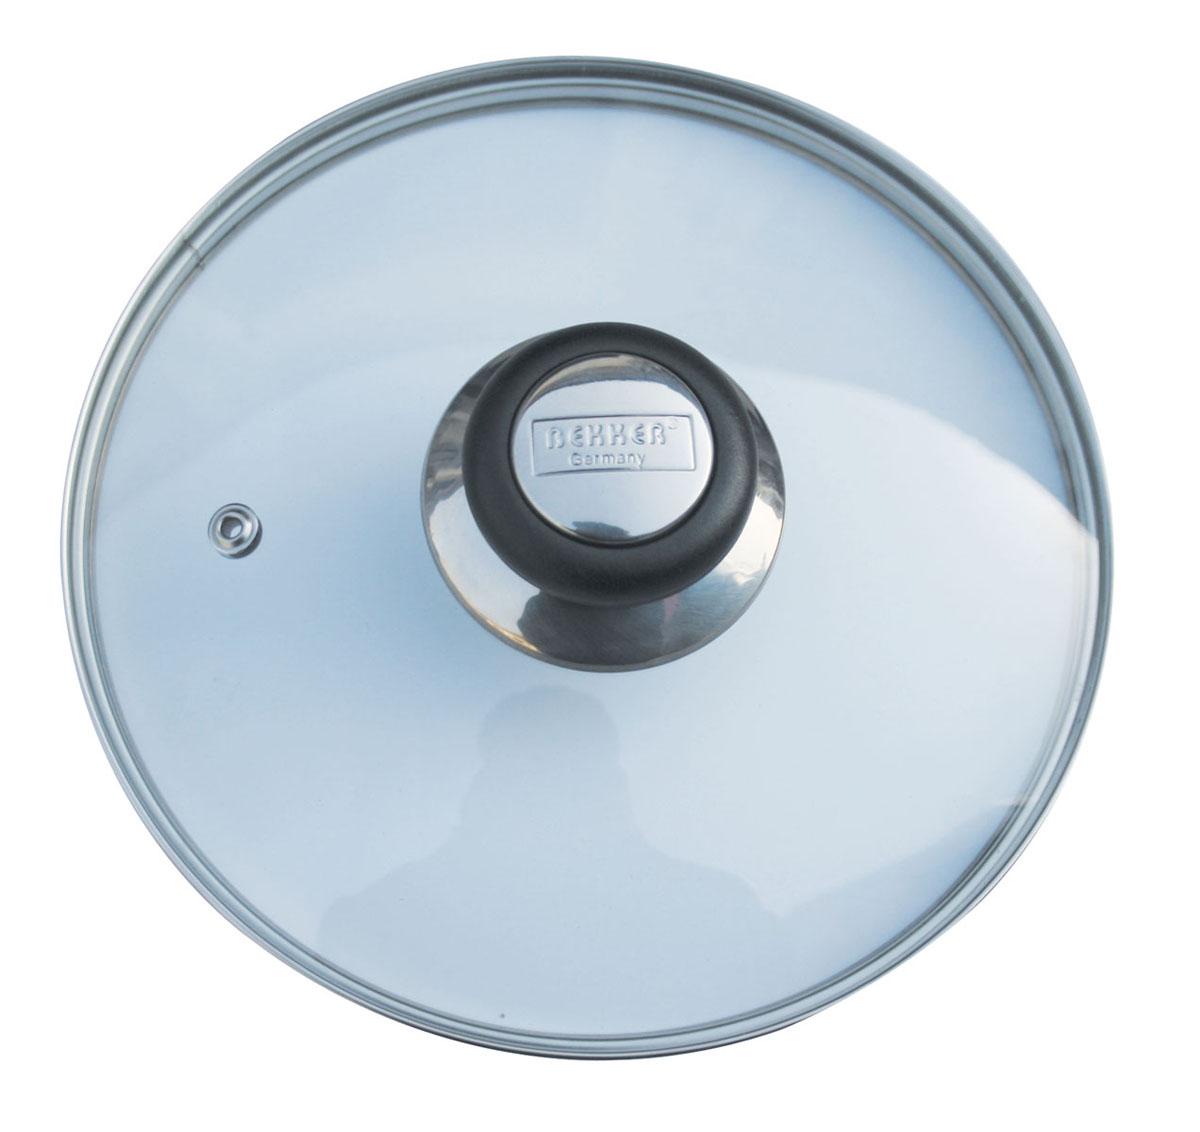 Крышка стеклянная Bekker. Диаметр 22 см54 009312Крышка Bekker изготовлена из прозрачного термостойкого стекла. Обод, выполненный из высококачественной нержавеющей стали, защищает крышку от повреждений. Ручка из бакелита черного цвета защищает ваши руки от высоких температур. Крышка удобна в использовании, позволяет контролировать процесс приготовления пищи. Имеется отверстие для выпуска пара. Характеристики: Материал: стекло, нержавеющая сталь, бакелит. Цвет: черный. Диаметр: 22 см. Толщина стенки: 4 мм. Артикул: BK-5410.